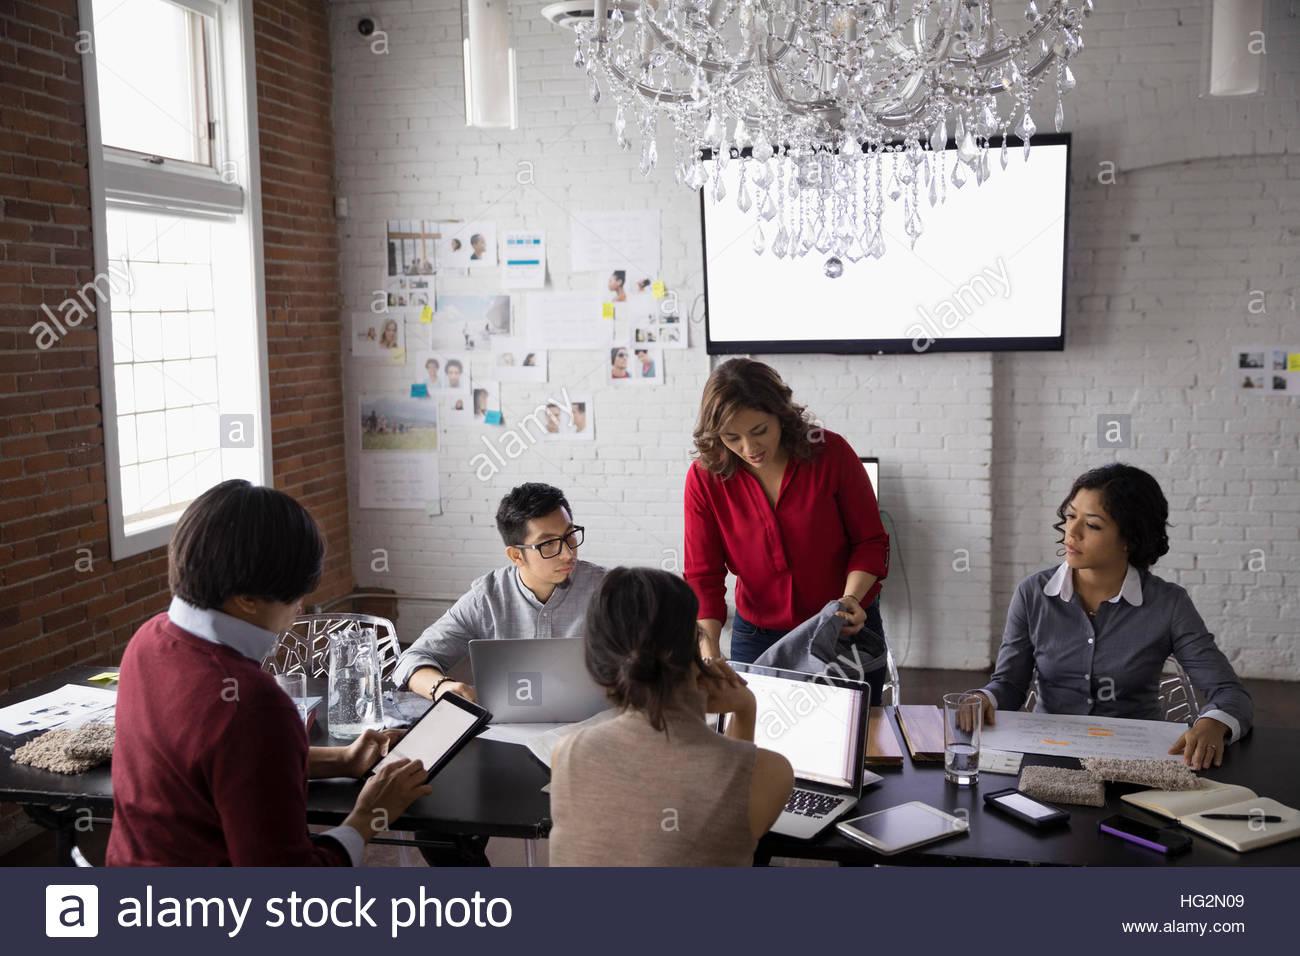 Designers hispaniques réunion à l'aide d'un ordinateur portable dans la salle de conférence Photo Stock